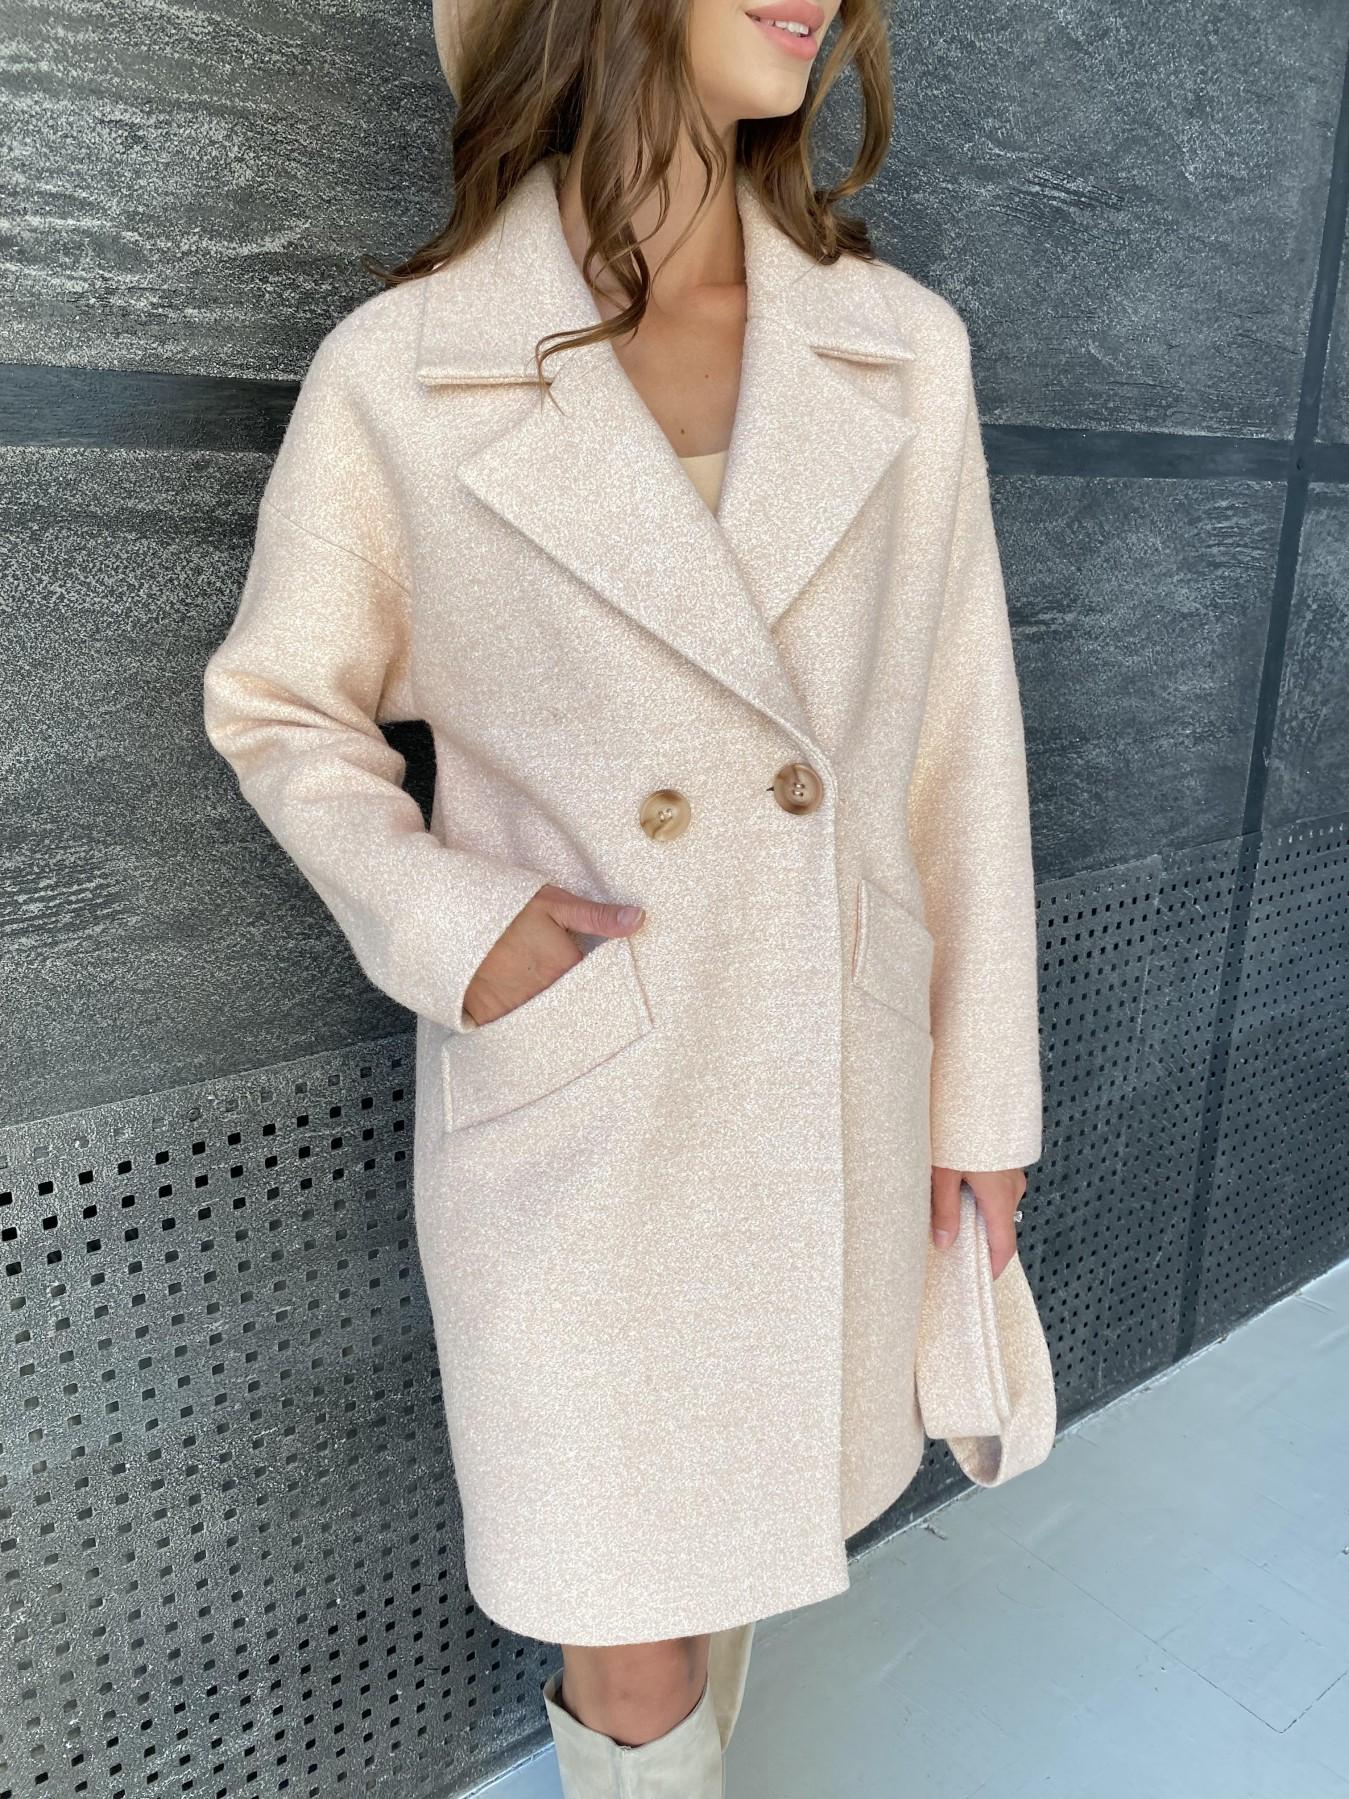 Сенсей пальто  шерсть букле мелкое пальтовая ткань 11647 АРТ. 48355 Цвет: Бежевый 30 - фото 3, интернет магазин tm-modus.ru